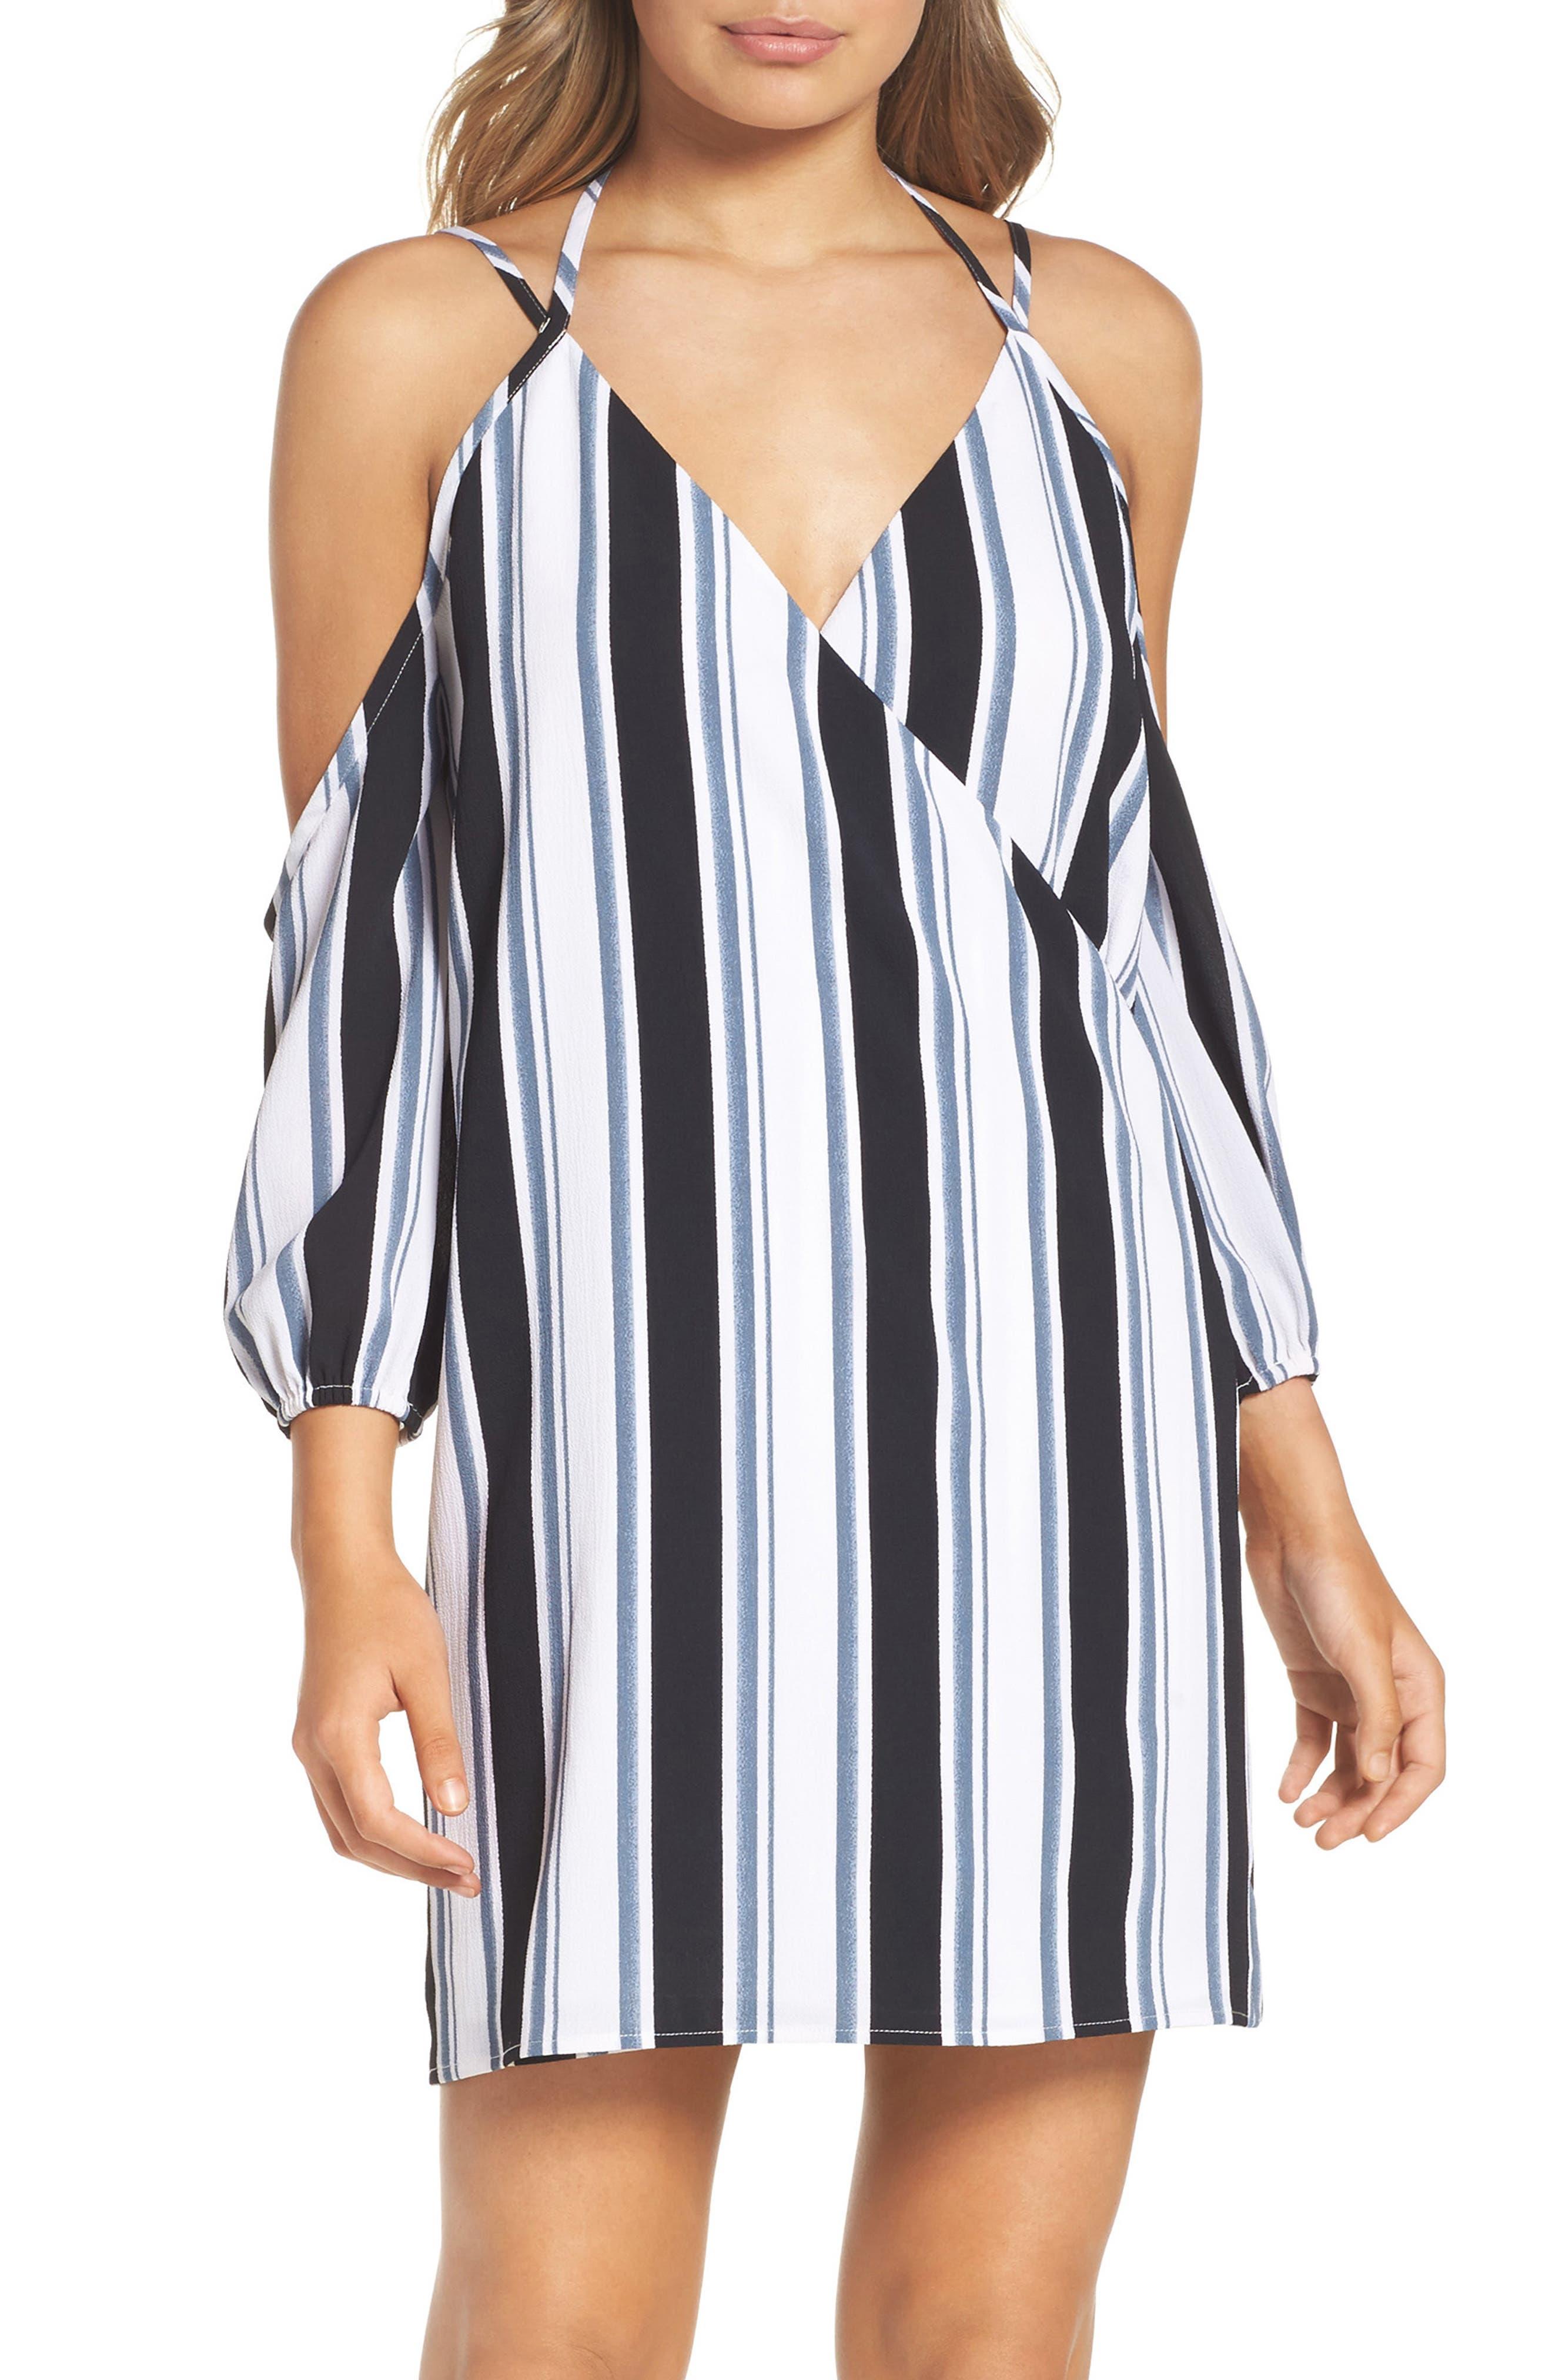 La Ciudad Dress,                         Main,                         color, Black/ Grey Stripe